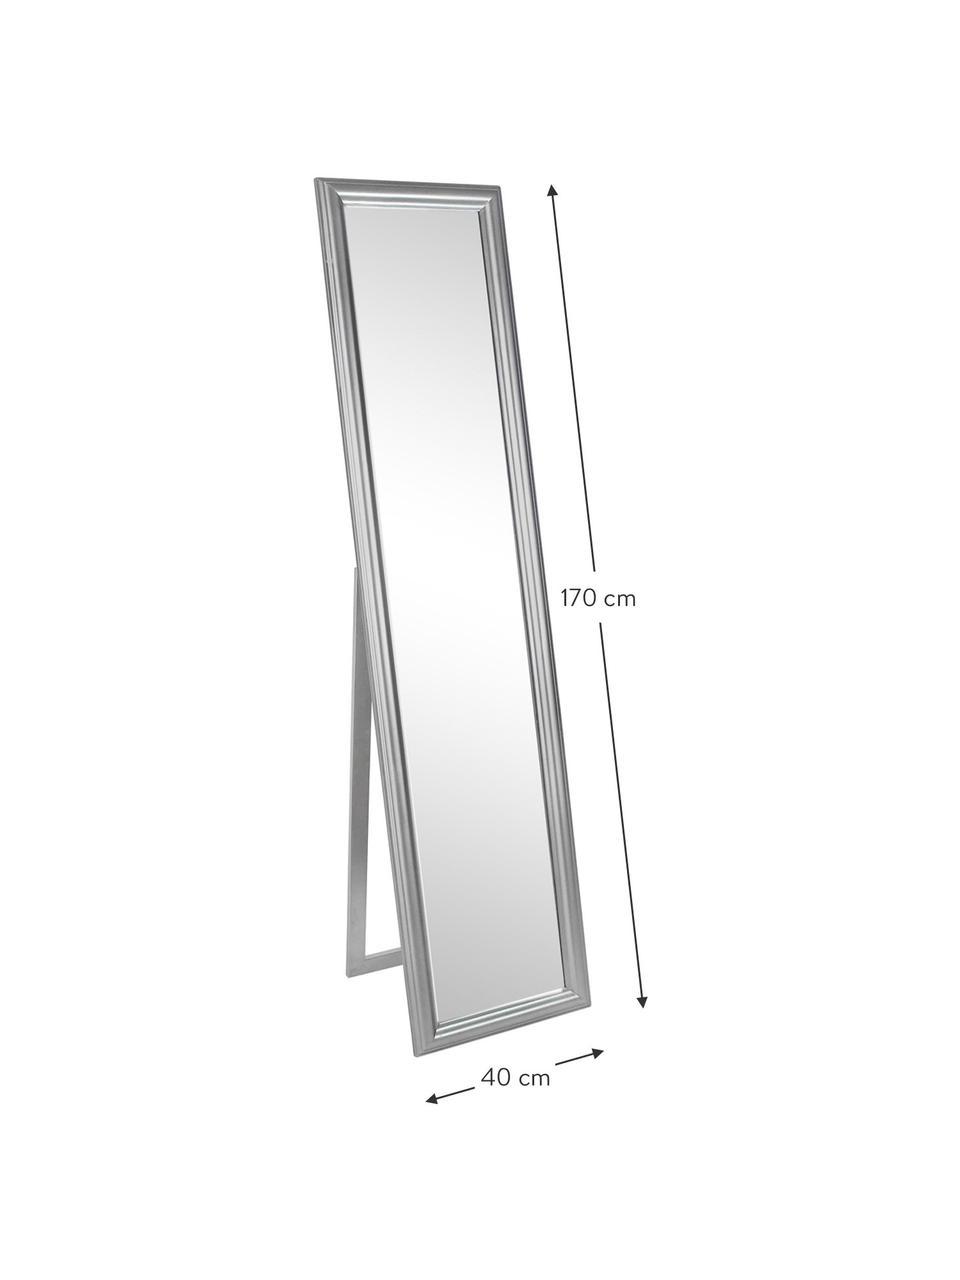 Eckiger Standspiegel Sanzio mit silbernem Paulowniaholzrahmen, Rahmen: Paulowniaholz, beschichte, Spiegelfläche: Spiegelglas, Silberfarben, 40 x 170 cm